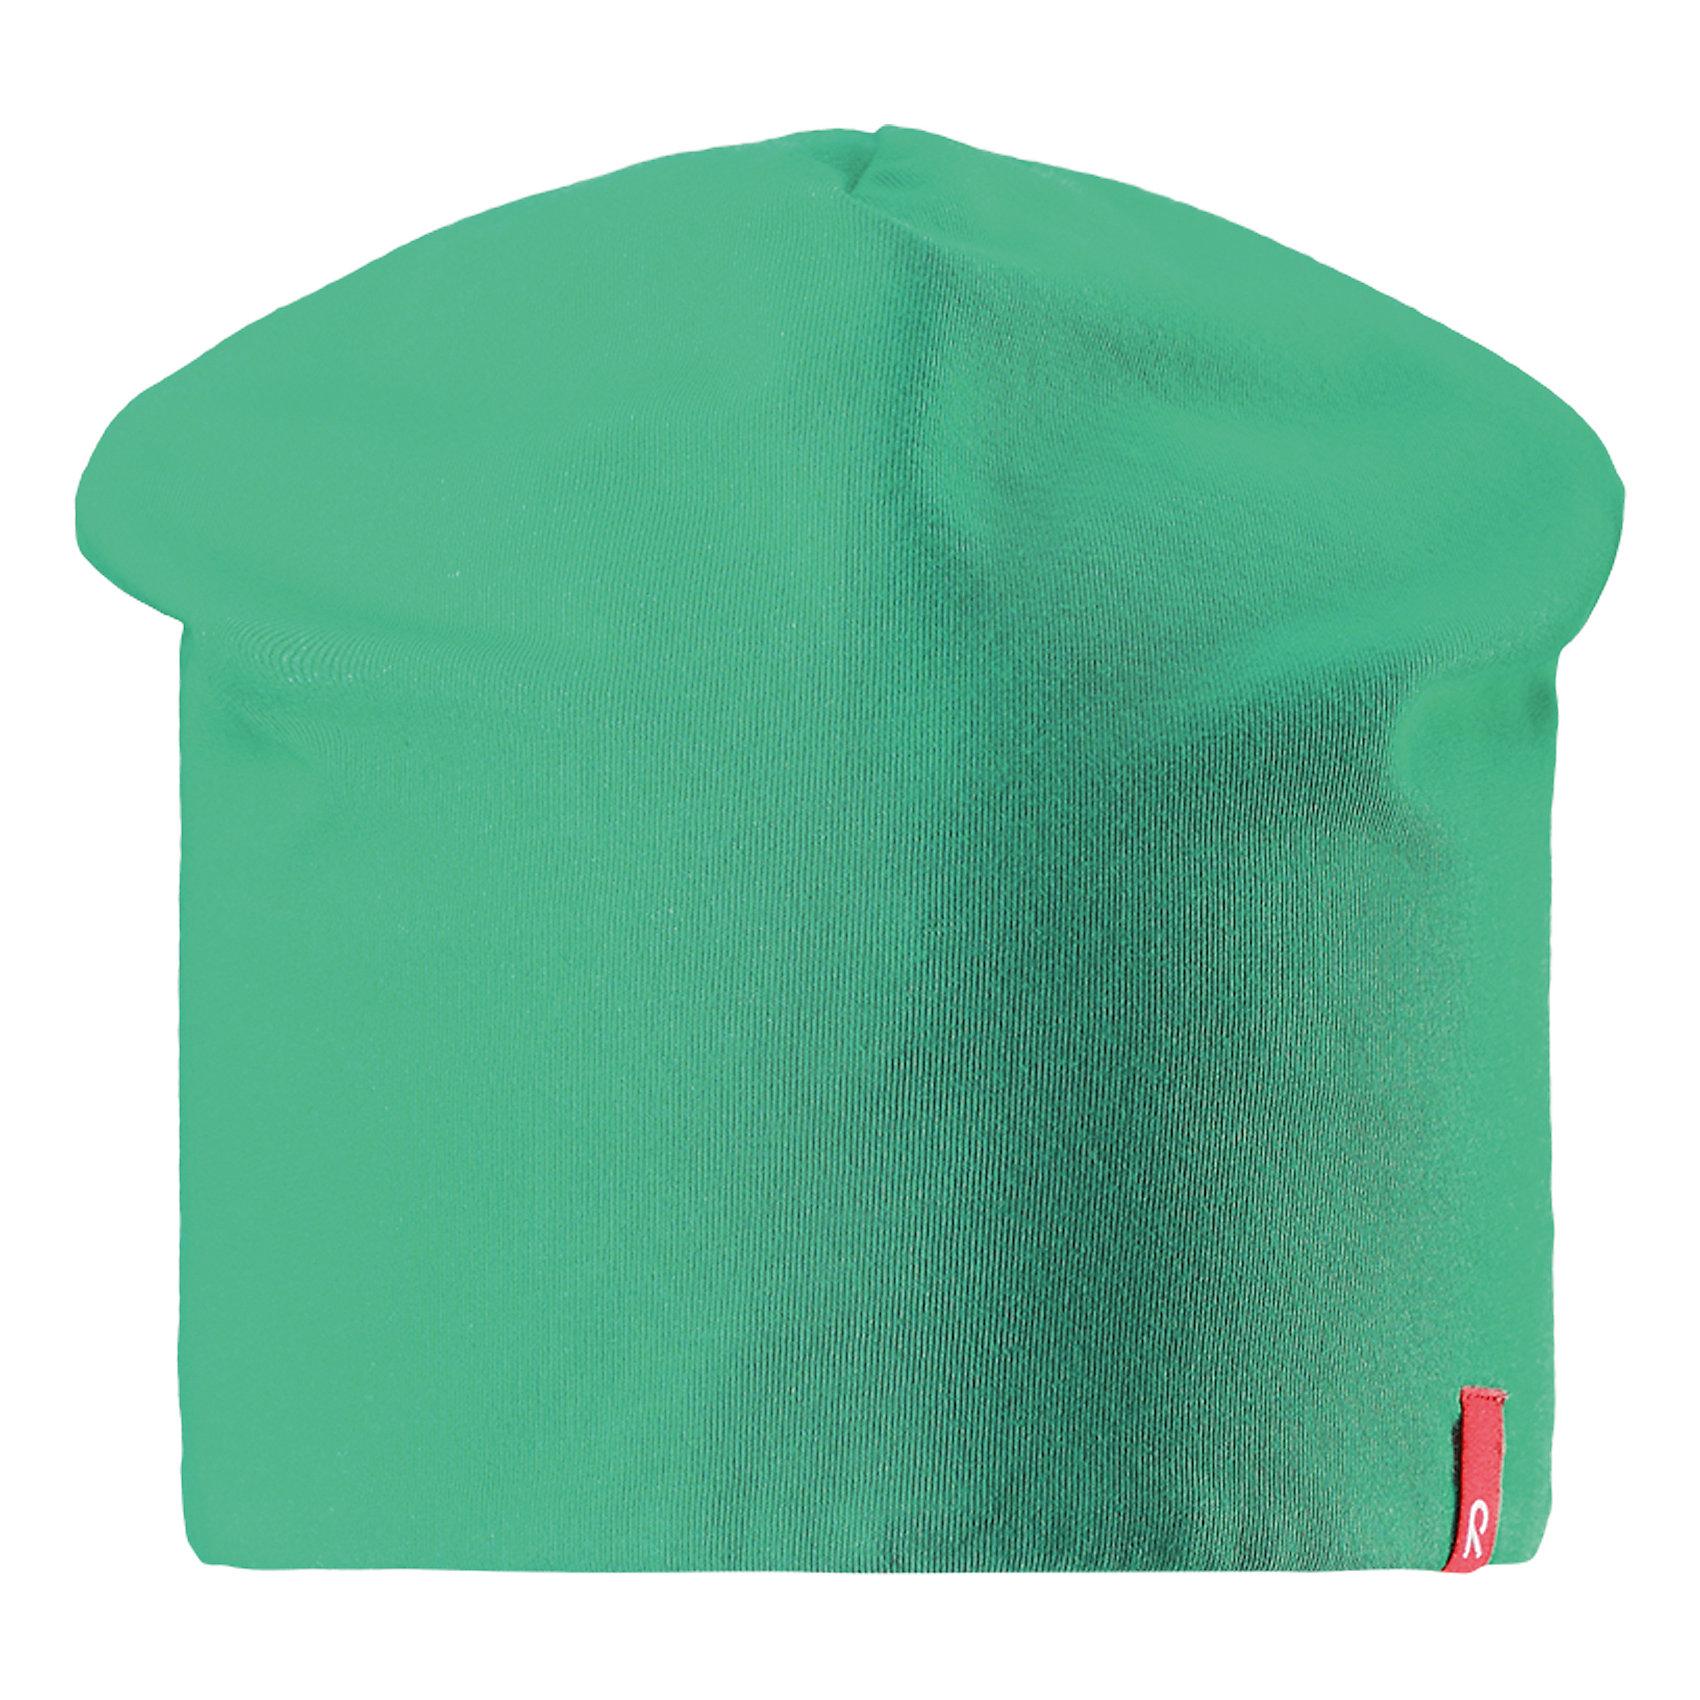 Шапка Lautta ReimaШапки и шарфы<br>Характеристики товара:<br><br>• цвет: зеленый/синий<br>• быстросохнущий материал<br>• состав: 65% хлопок, 30% полиэстер, 5% эластан<br>• эластичный материал<br>• двухсторонняя<br>• подкладка: отводящий влагу материал Play Jersey<br>• декоративный логотип<br>• фактор защиты от ультрафиолета: 40+<br>• комфортная посадка<br>• страна производства: Китай<br>• страна бренда: Финляндия<br>• коллекция: весна-лето 2017<br><br>Детский головной убор может быть модным и удобным одновременно! Стильная шапка поможет обеспечить ребенку комфорт и дополнить наряд. Она отлично смотрится с различной одеждой. Шапка удобно сидит и аккуратно выглядит. Проста в уходе, долго служит. Стильный дизайн разрабатывался специально для детей. Отличная защита от солнца!<br><br>Одежда и обувь от финского бренда Reima пользуется популярностью во многих странах. Эти изделия стильные, качественные и удобные. Для производства продукции используются только безопасные, проверенные материалы и фурнитура. Порадуйте ребенка модными и красивыми вещами от Reima! <br><br>Шапку от финского бренда Reima (Рейма) можно купить в нашем интернет-магазине.<br><br>Ширина мм: 89<br>Глубина мм: 117<br>Высота мм: 44<br>Вес г: 155<br>Цвет: зеленый<br>Возраст от месяцев: 18<br>Возраст до месяцев: 36<br>Пол: Унисекс<br>Возраст: Детский<br>Размер: 50,54<br>SKU: 5267925